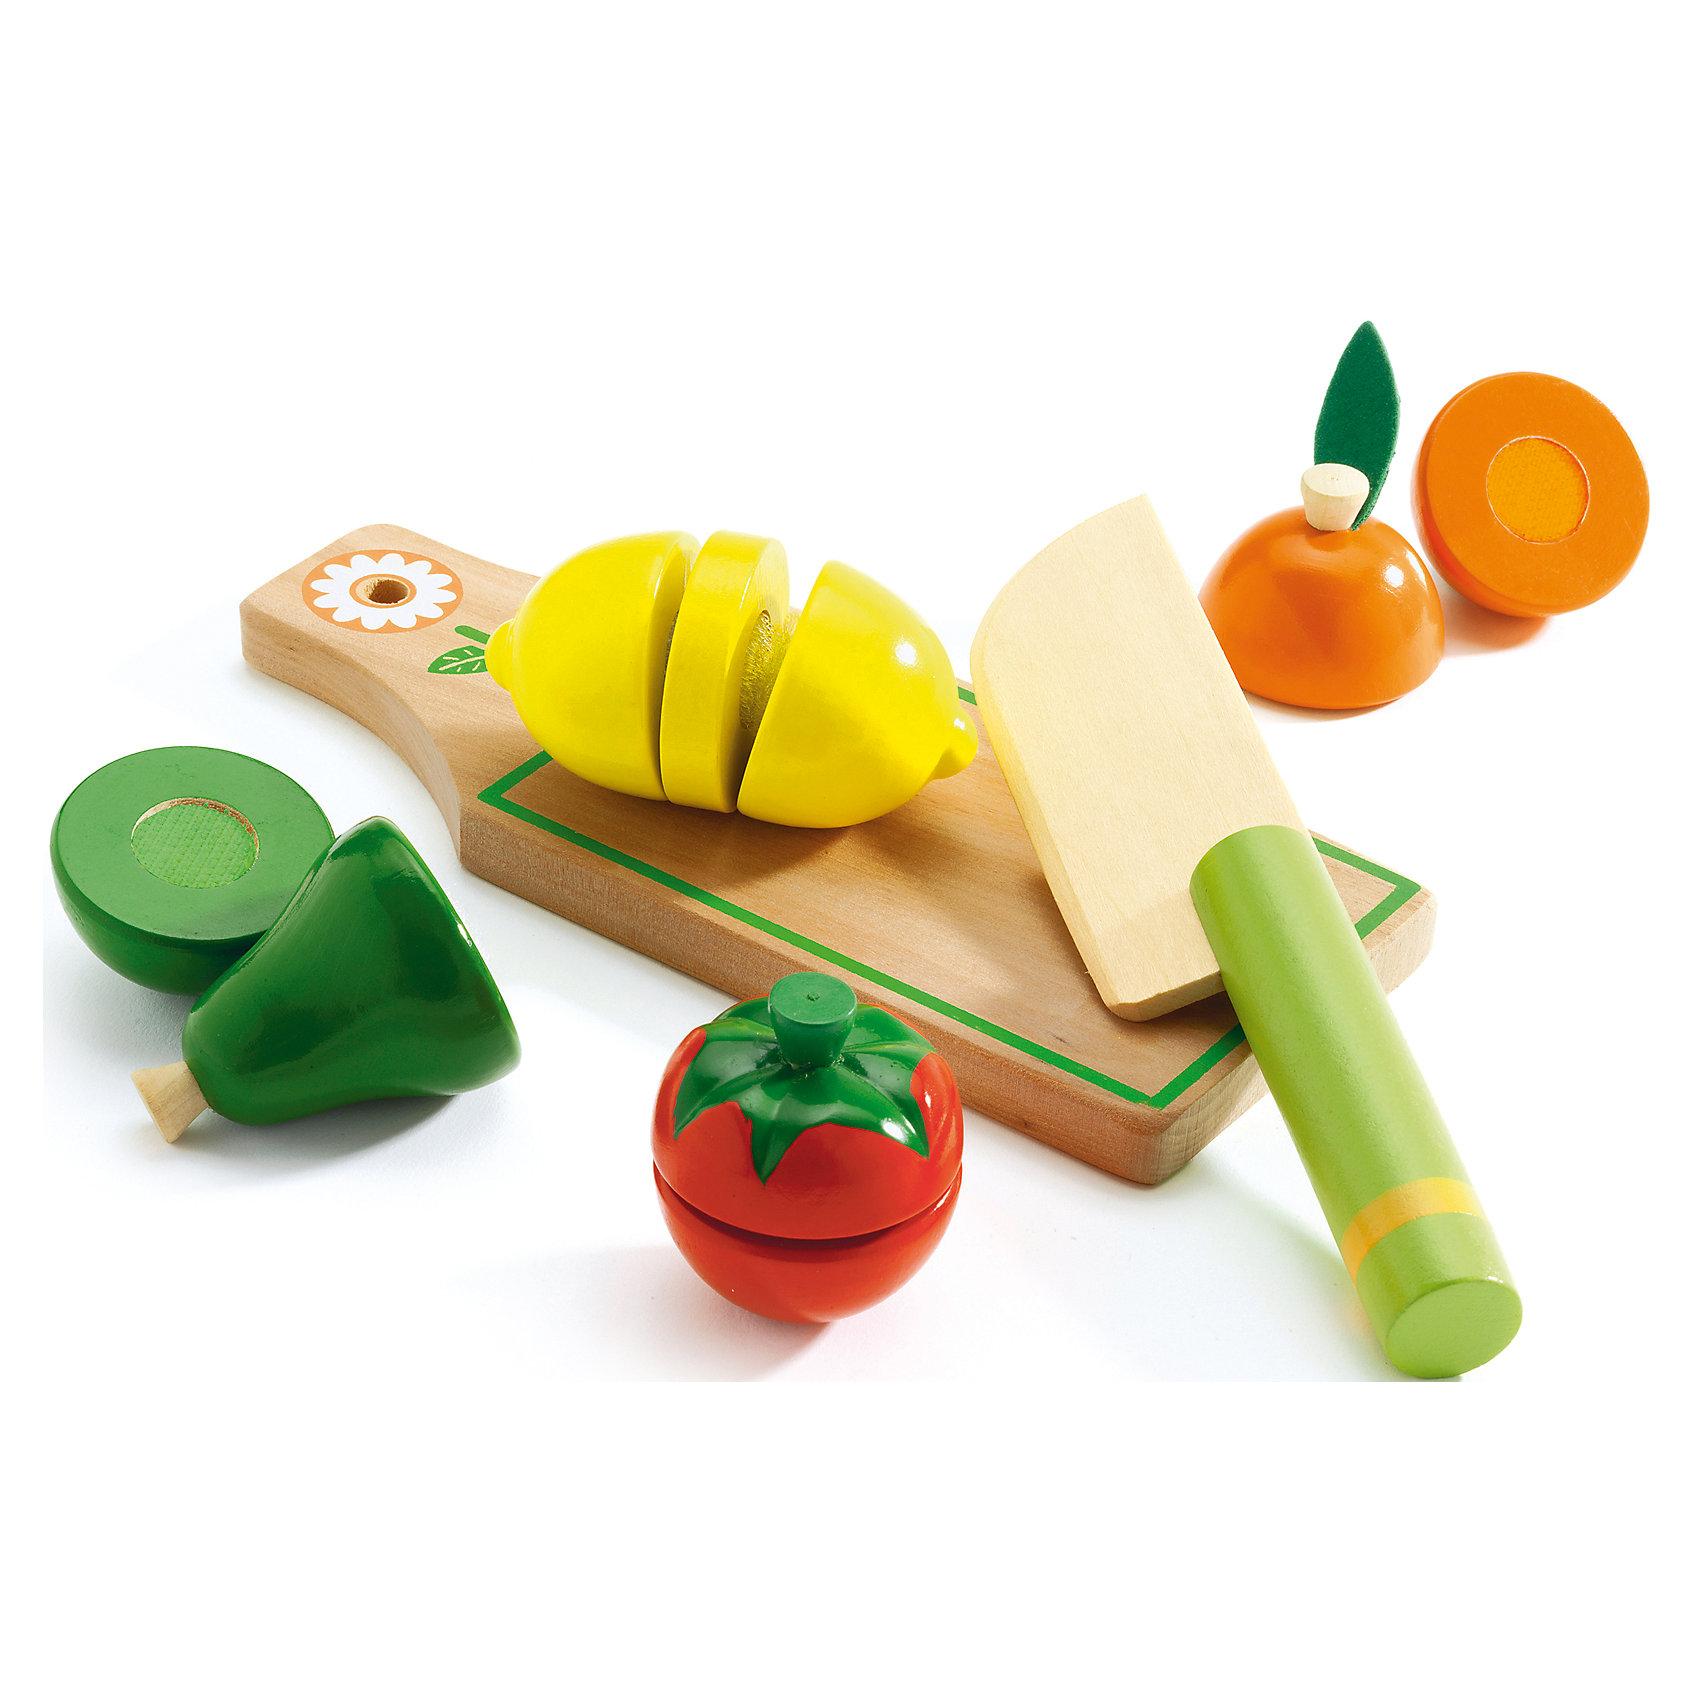 Набор для разрезания Фрукты и овощи, DJECOИгрушечные продукты питания<br>Игрушечный набор Разрезания продуктов. .Набор деревянных фруктов и овощей для разрезания. С помощью ножа ваш малыш научится разрезать предметы на части, разовьет мелкую моторику, поймет, что такое быть хозяйкой Яркий набор обязательно понравятся всем малышкам и её подружкам. Во время игры ребенок познакомится с различными цветами, научится различать фигуры.<br><br>Ширина мм: 220<br>Глубина мм: 200<br>Высота мм: 50<br>Вес г: 200<br>Возраст от месяцев: 36<br>Возраст до месяцев: 1188<br>Пол: Унисекс<br>Возраст: Детский<br>SKU: 4761459